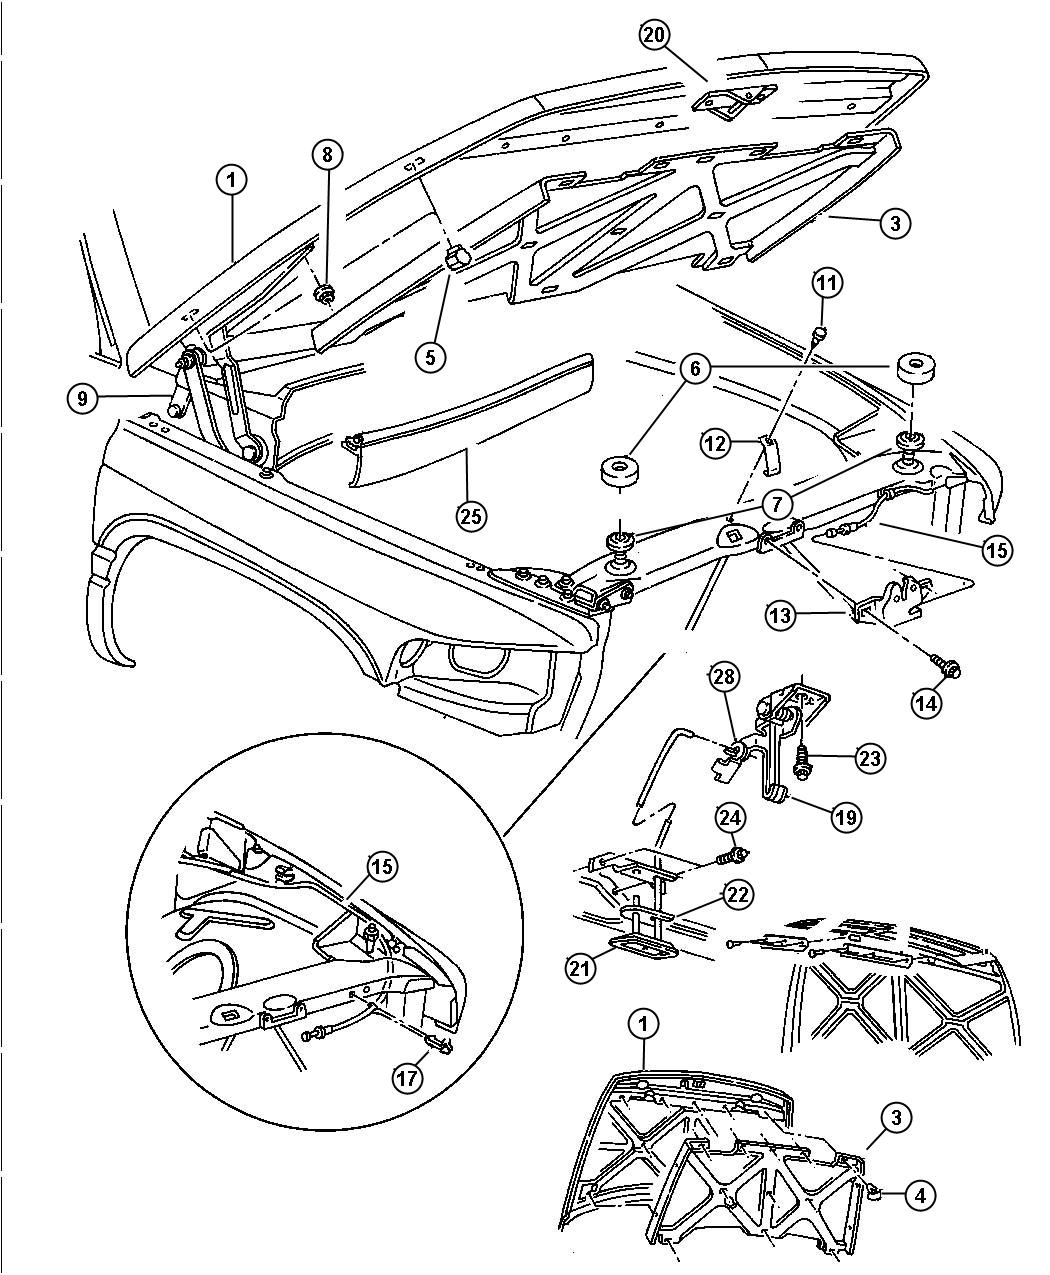 2002 Chrysler Voyager Hood. Hood. After 12-6-93. Release